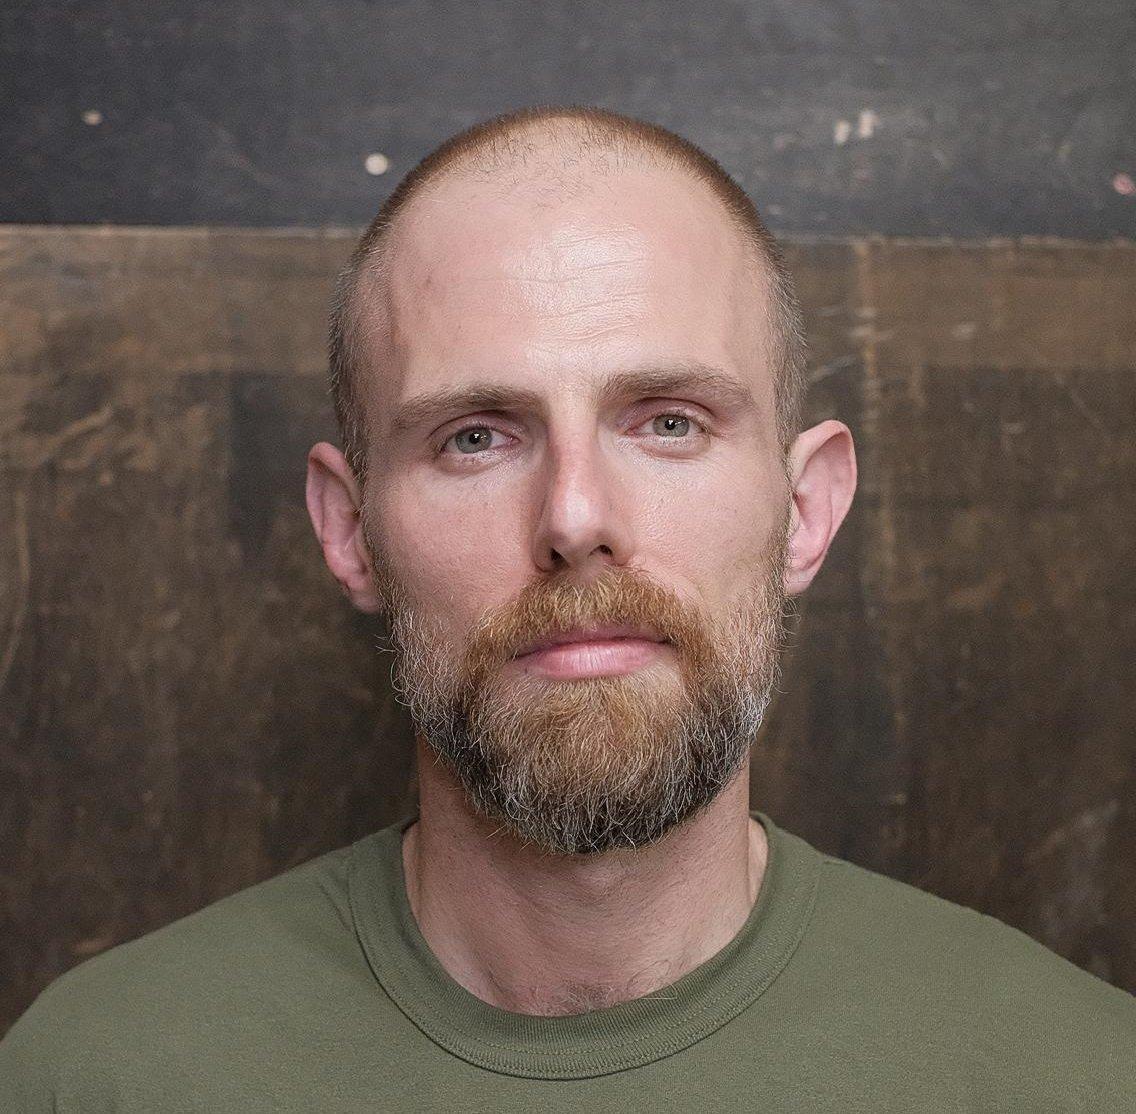 マイケル, 37歳, 京都